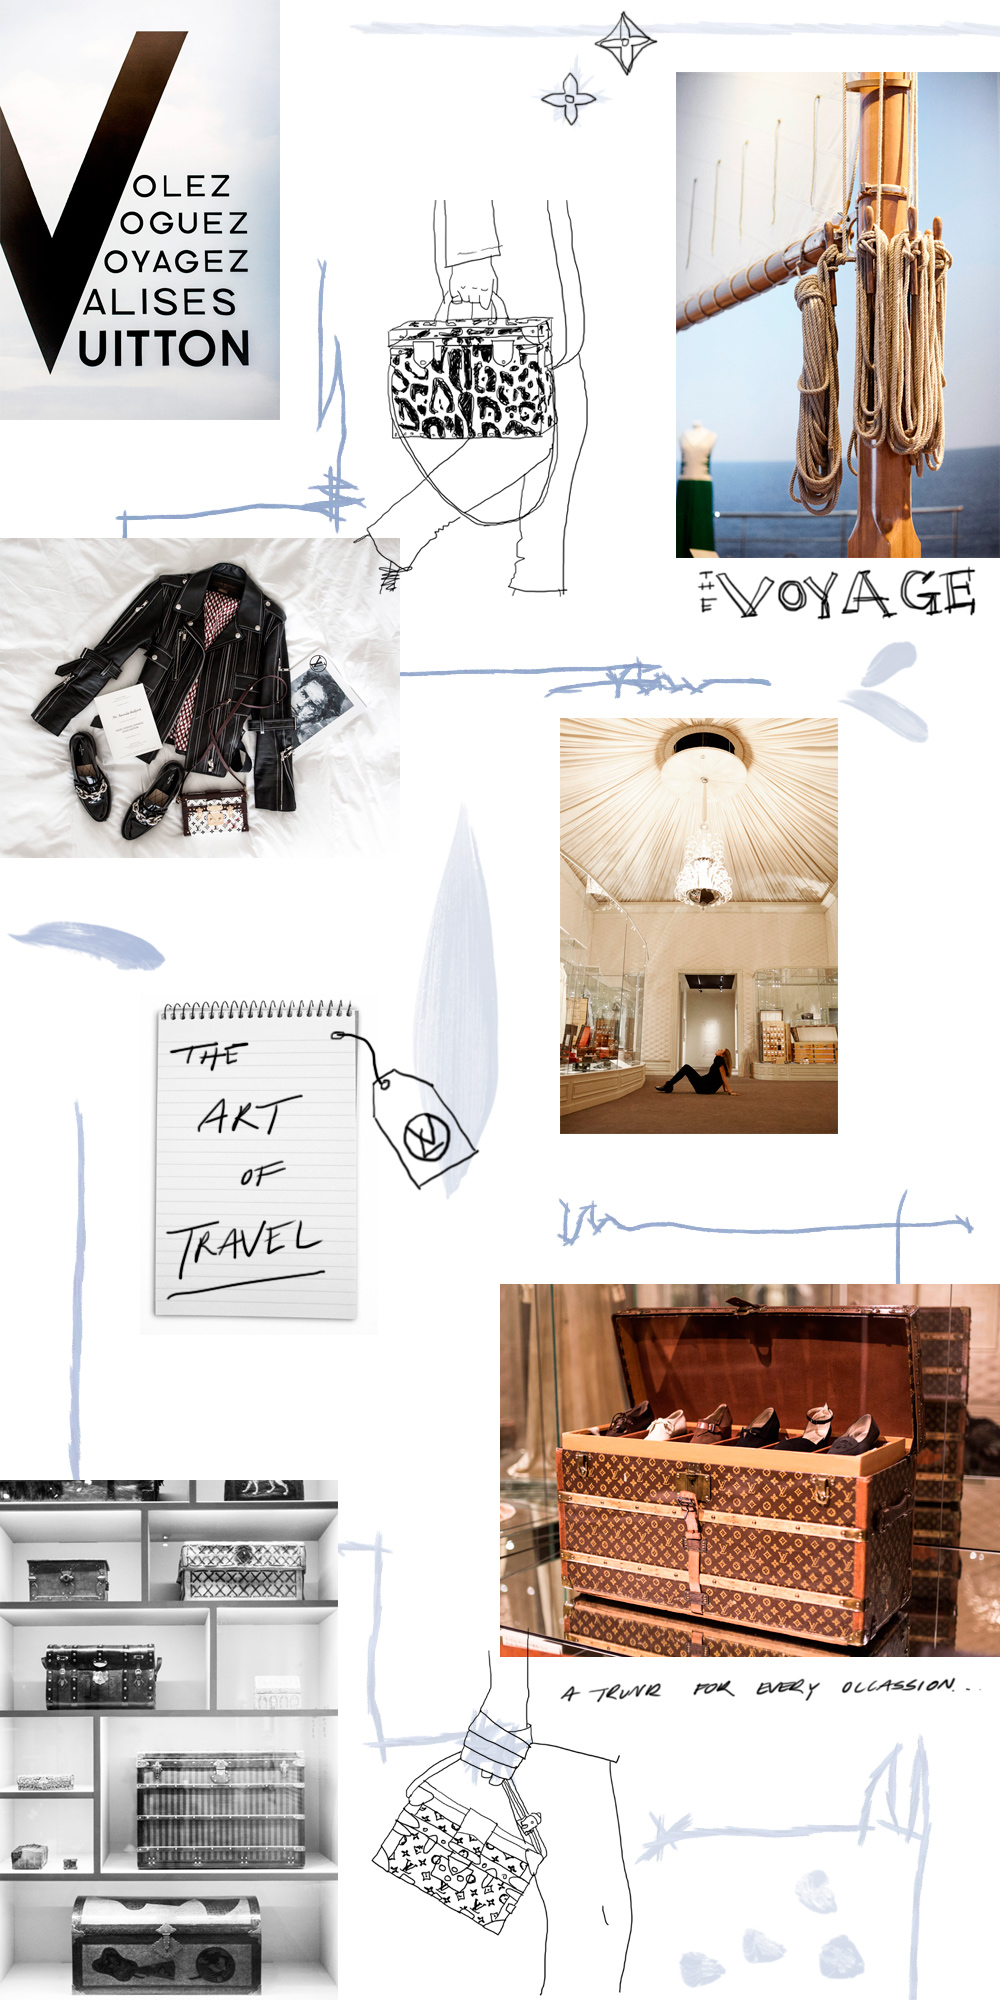 A-Louis-Vuitton-Volez-Voguez-Voyagez-Tokyo-Oracle-Fox